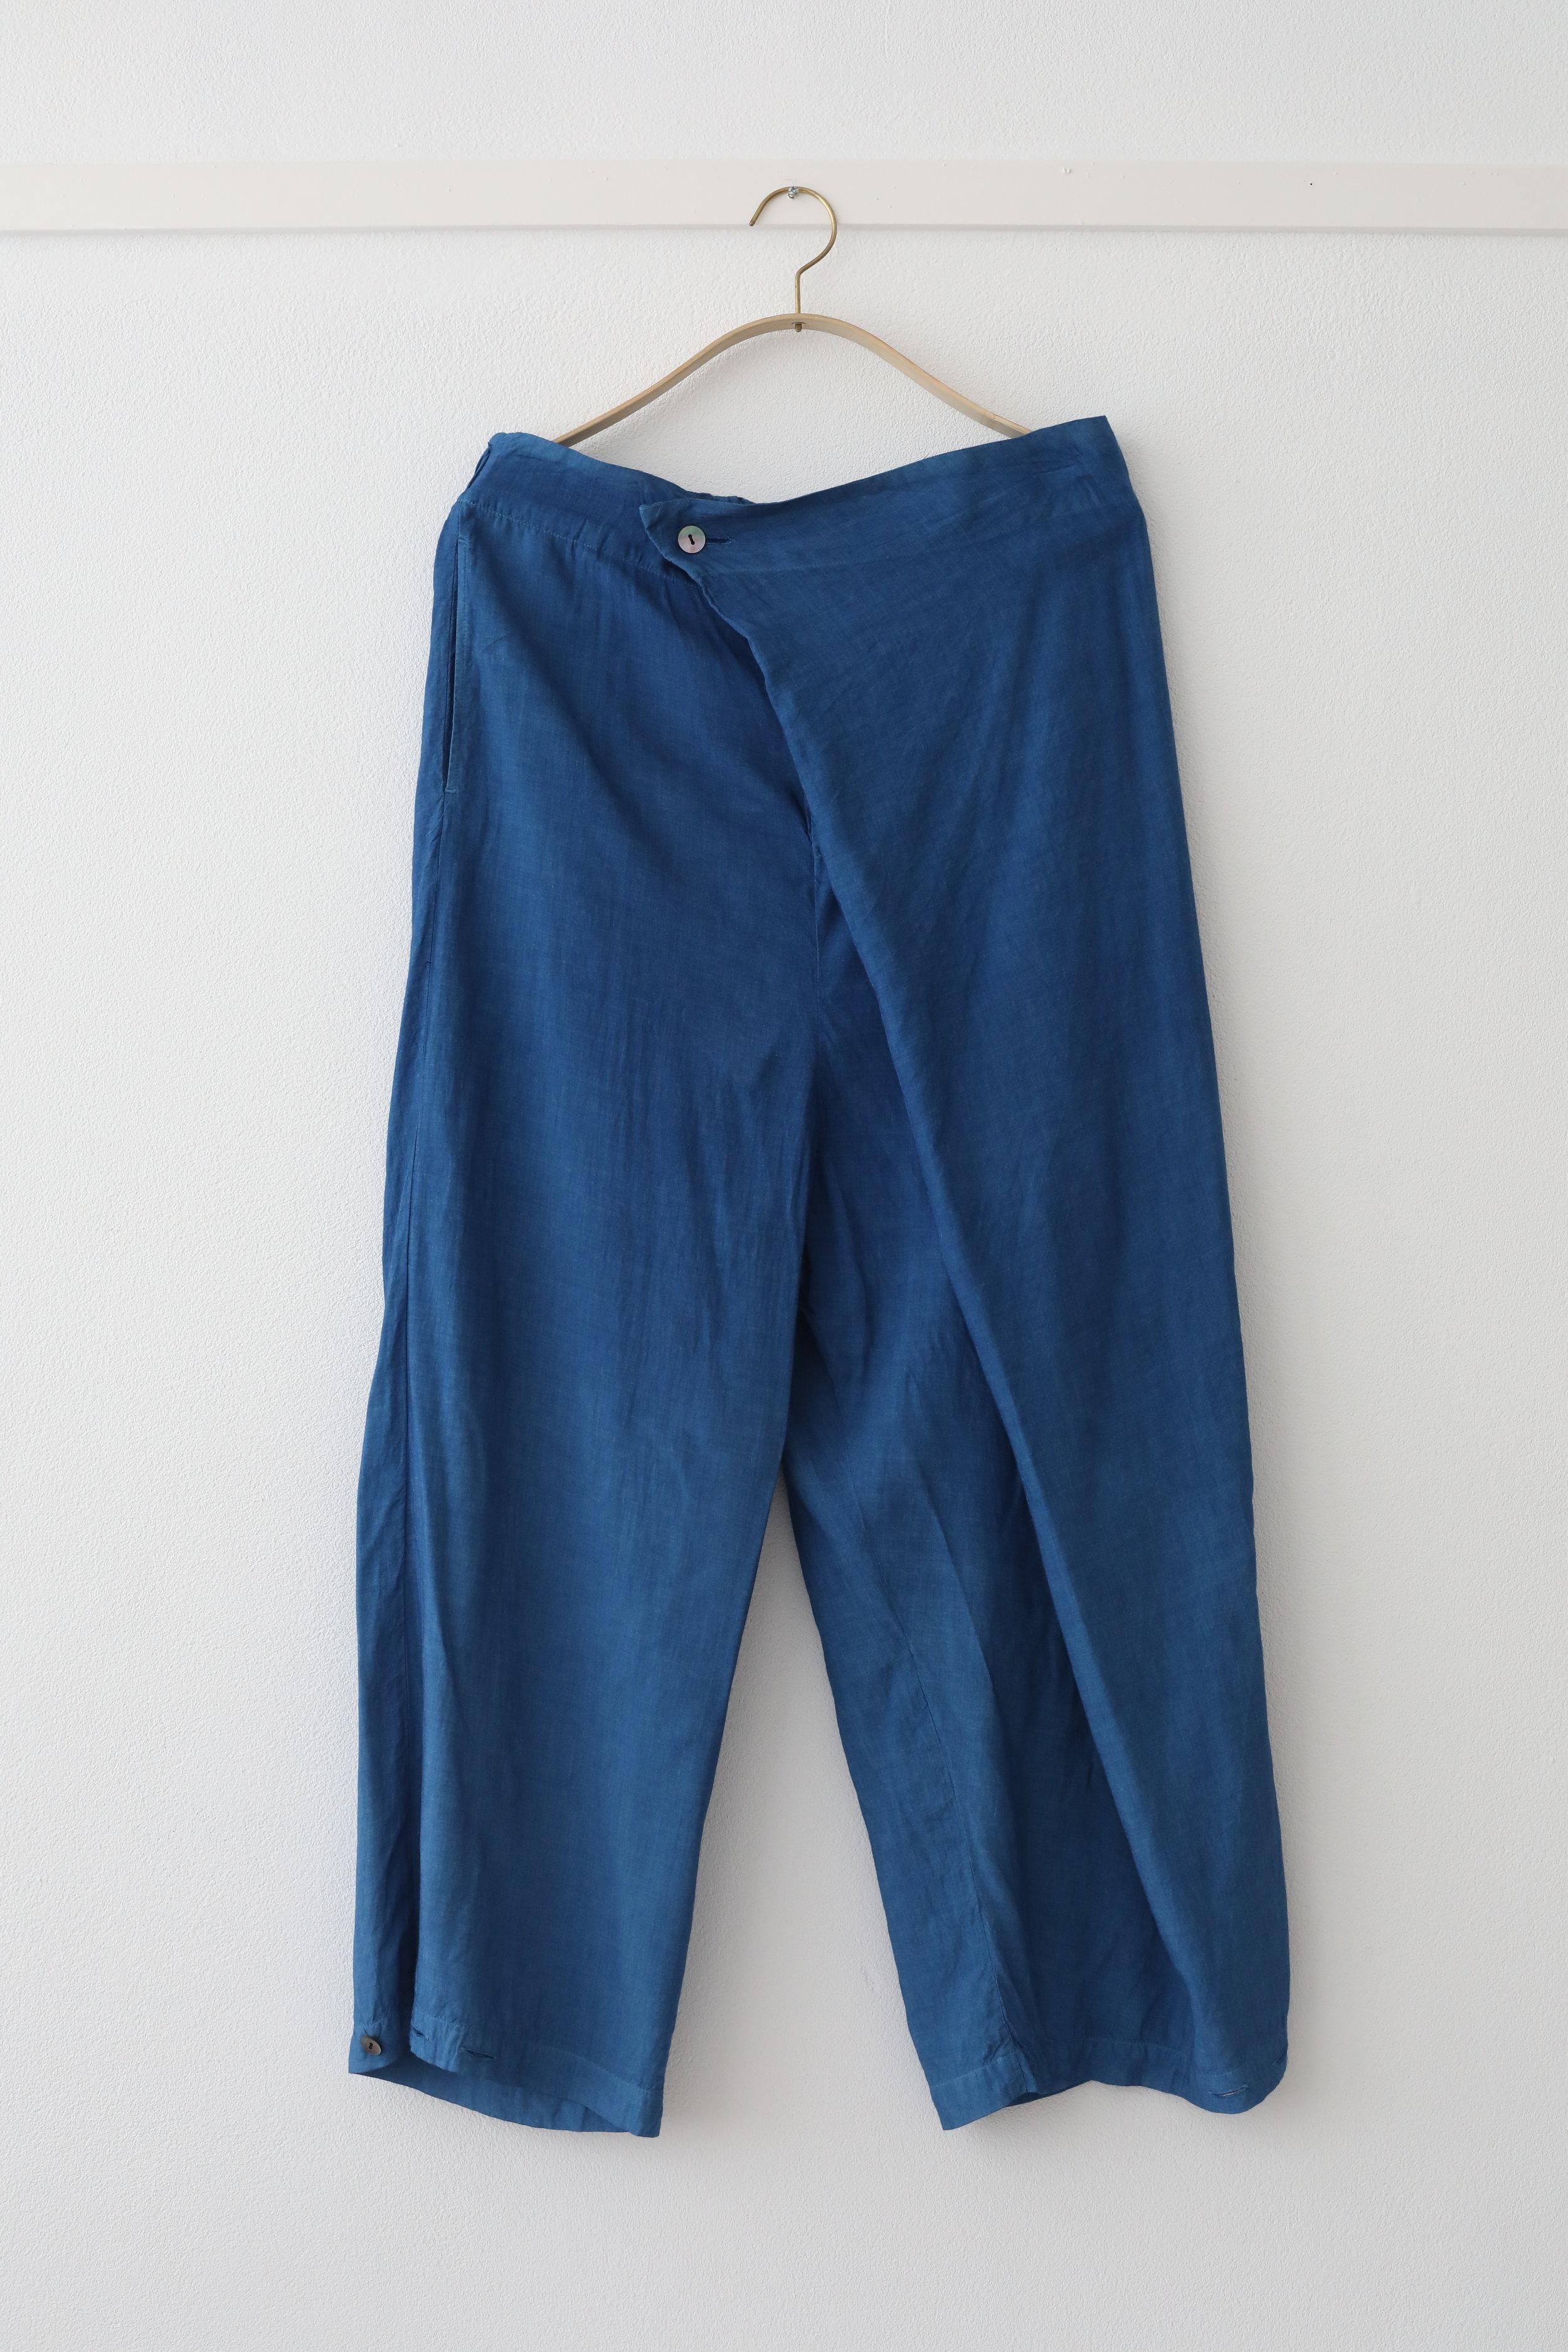 """○ ルームパンツ  ウエストはアジャスターとゴムで調節可能。裾もボタンを留めてシルエットも愉しめます。素材が光沢感あり上質であるので外出時にも、ジェンダーレスにも着用できます。  シルクレーヨン素材。レーヨン(rayon)とは """"光""""のray と""""綿""""cotton を組み合わせた語源から。こちらはレーヨンテンセルという森から生まれた木材パルプを使用した再生繊維となります。  肌触りが良く涼しく、吸湿性、放湿性が良いのが特徴。藍染することで温かくなったり、より体温調節に優れています。  Made in Japan Layon : 90% , Silk : 10%  白 ¥17,000 + tax ,  正藍染 ¥28,000 + tax"""